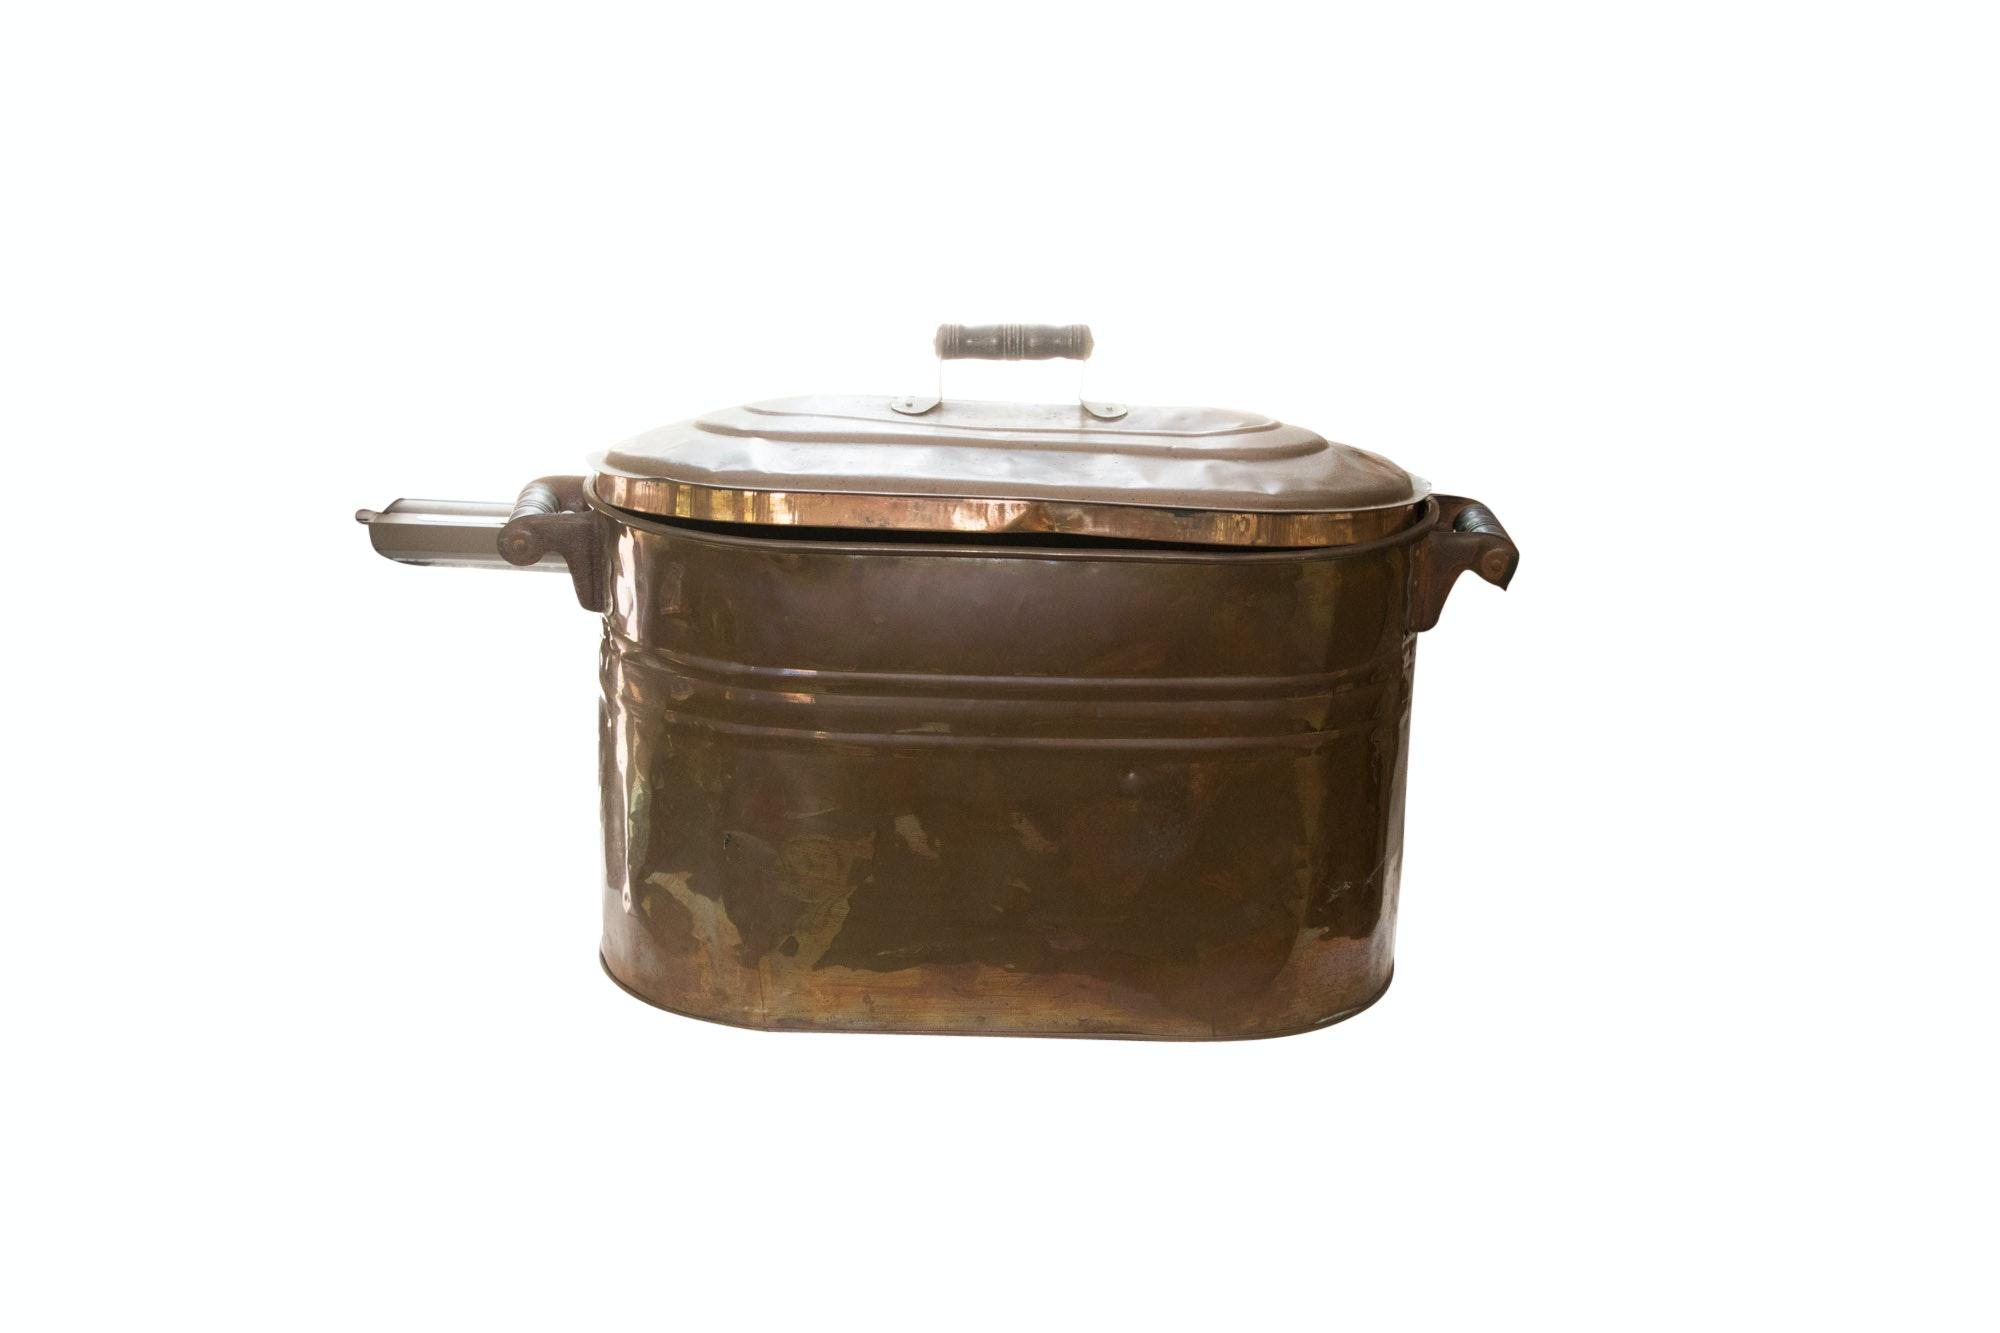 Vintage Copper Boiler and Lid